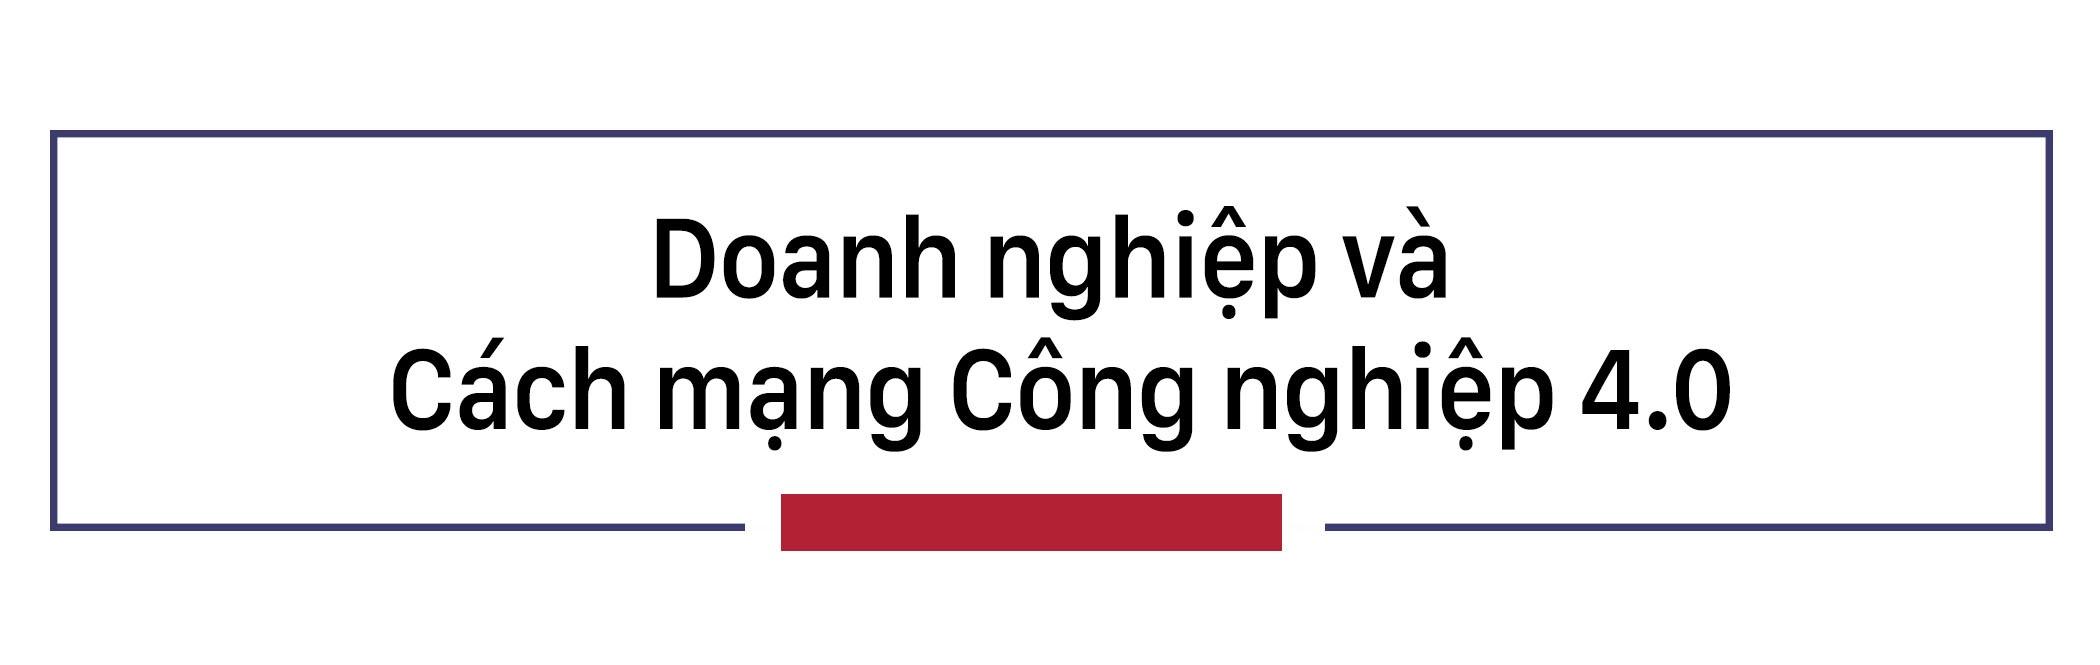 Toan canh chuyen tham My cua Thu tuong Nguyen Xuan Phuc hinh anh 2